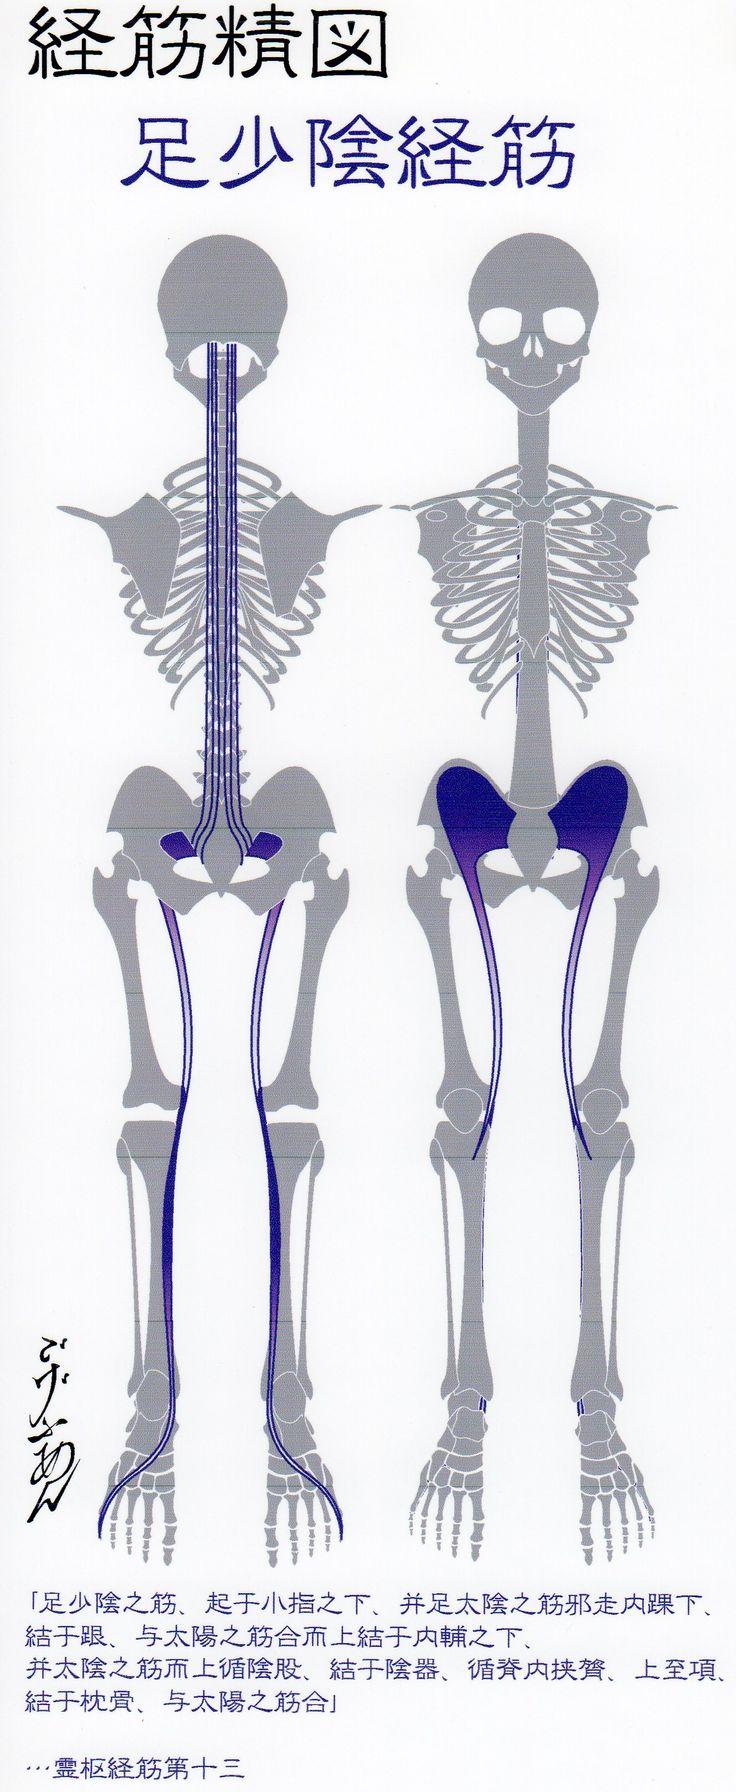 足少陰経筋(Ver2014) -Muscle meridian, Zu shaoyin(Ver2014)-